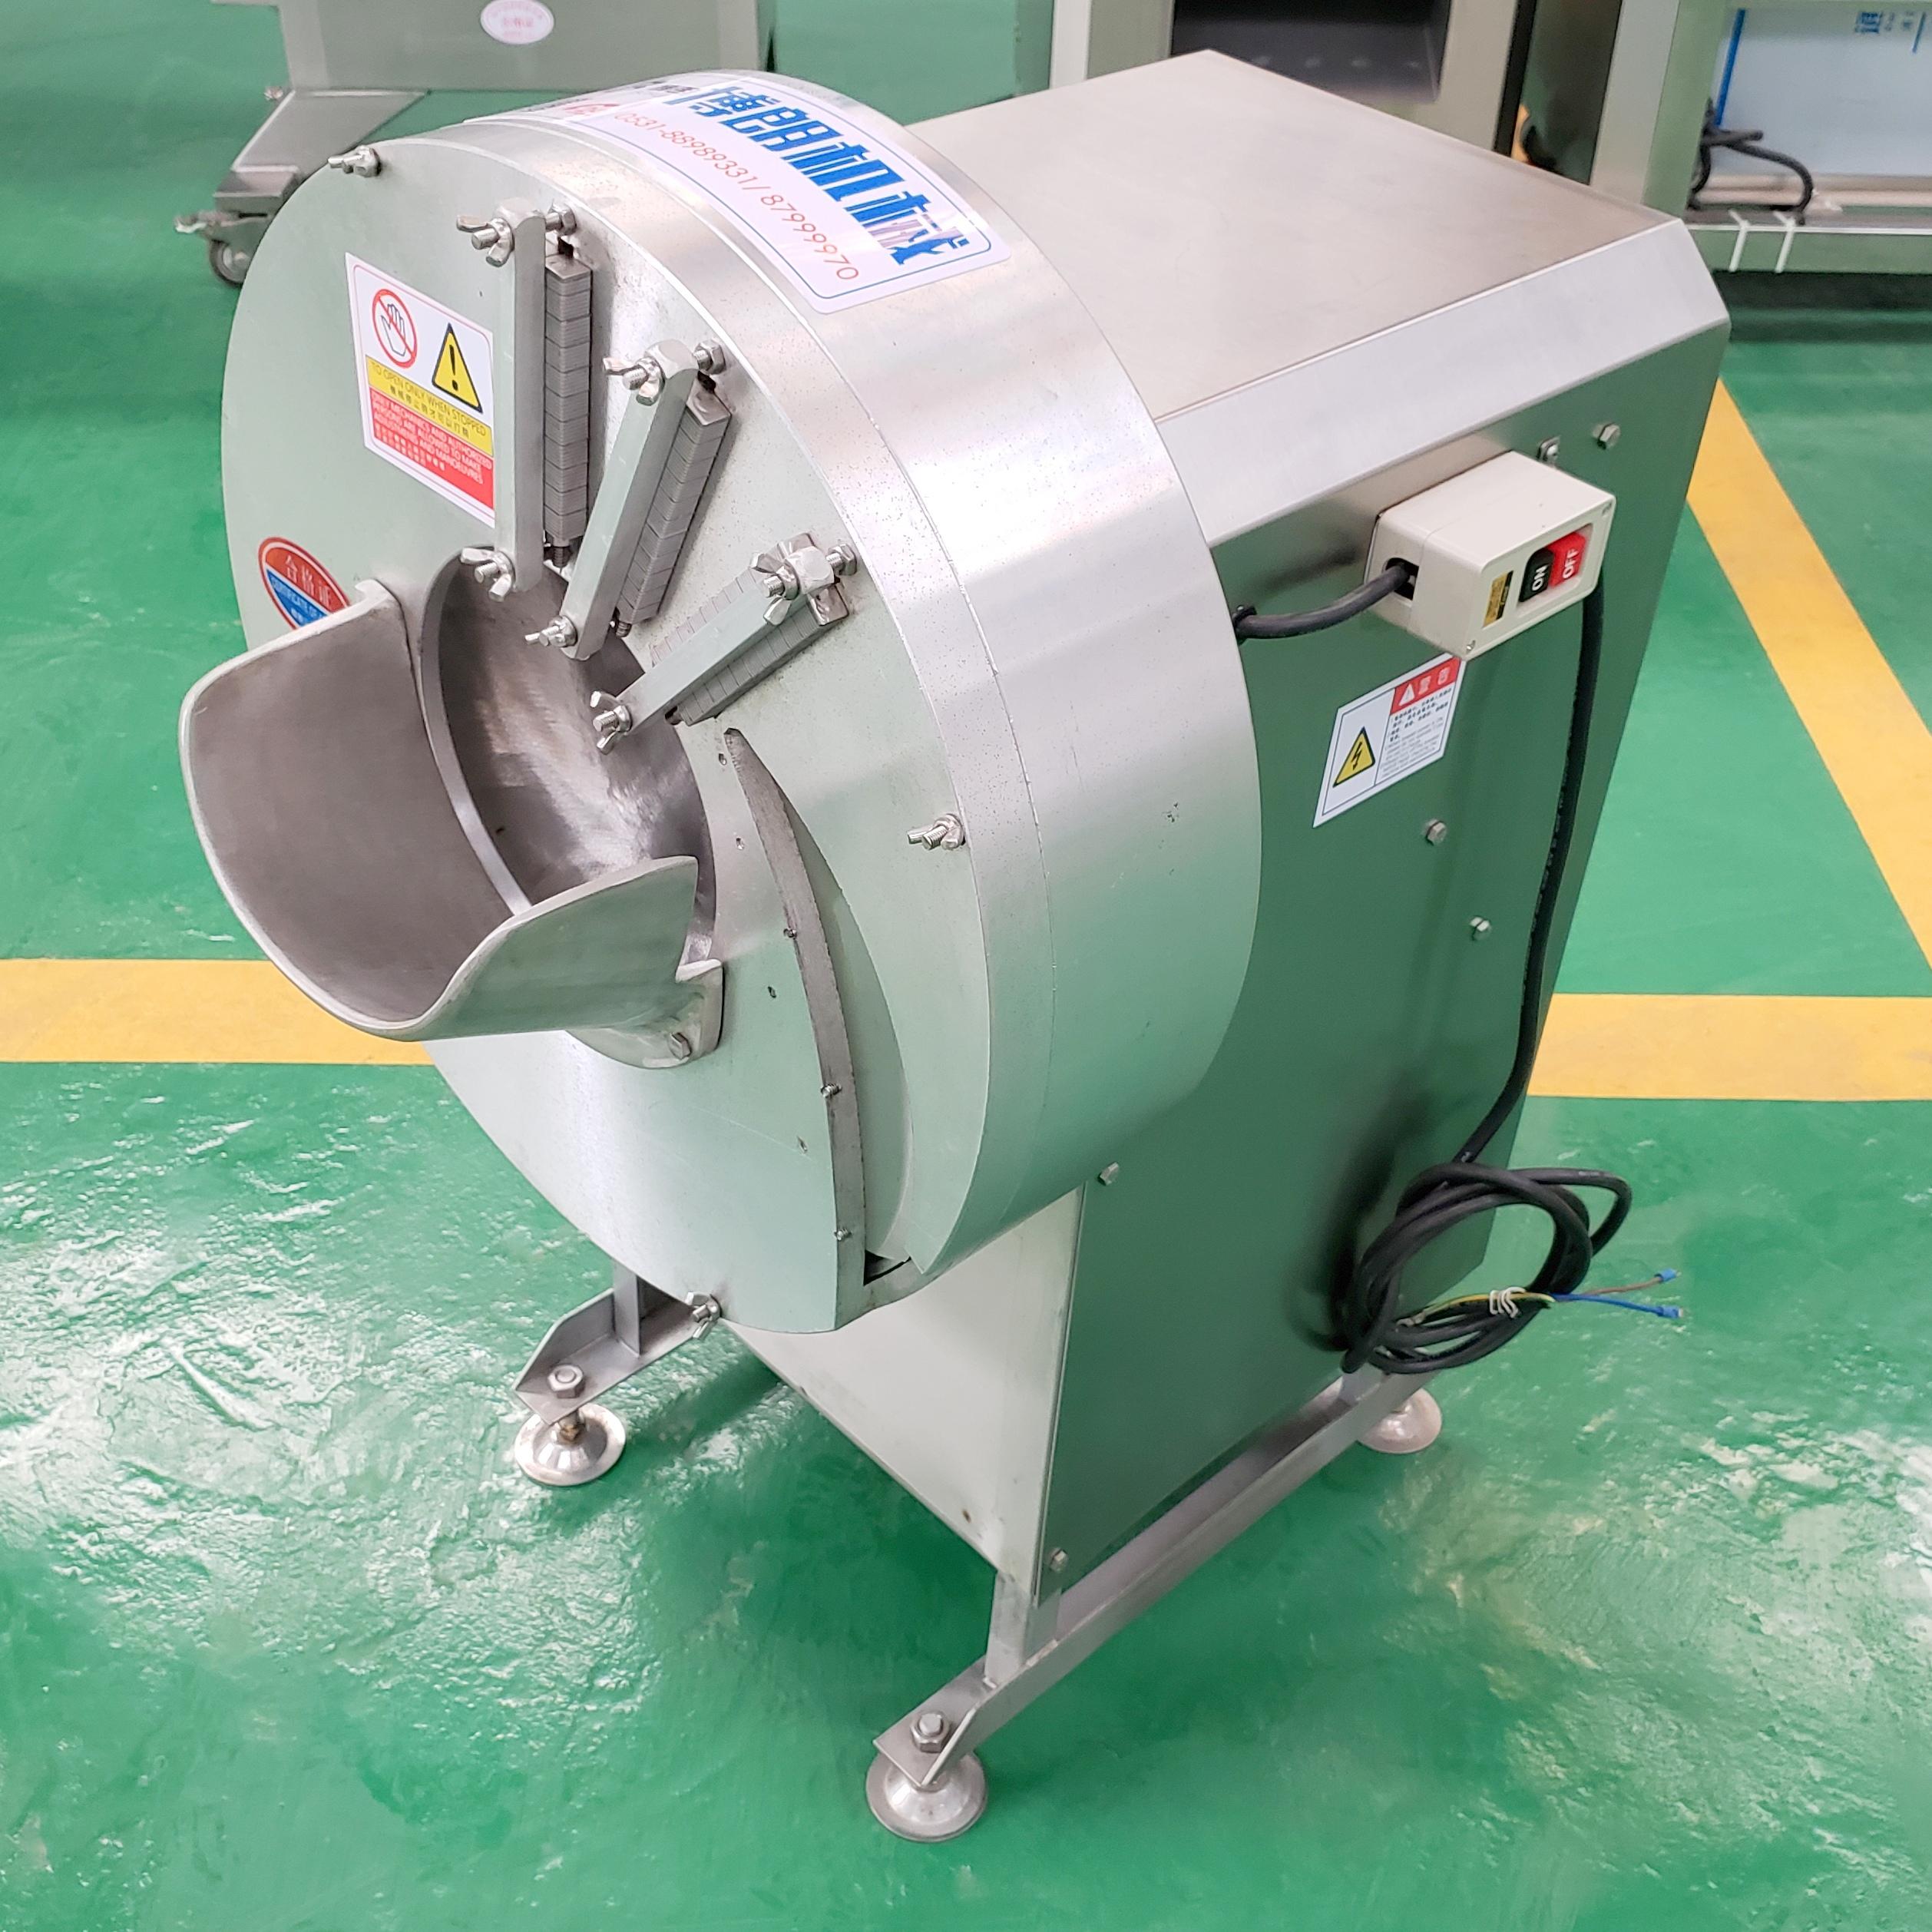 台湾质量好生姜切丝机多少钱_调味品加工设备哪家好-山东博朗机械设备有限公司